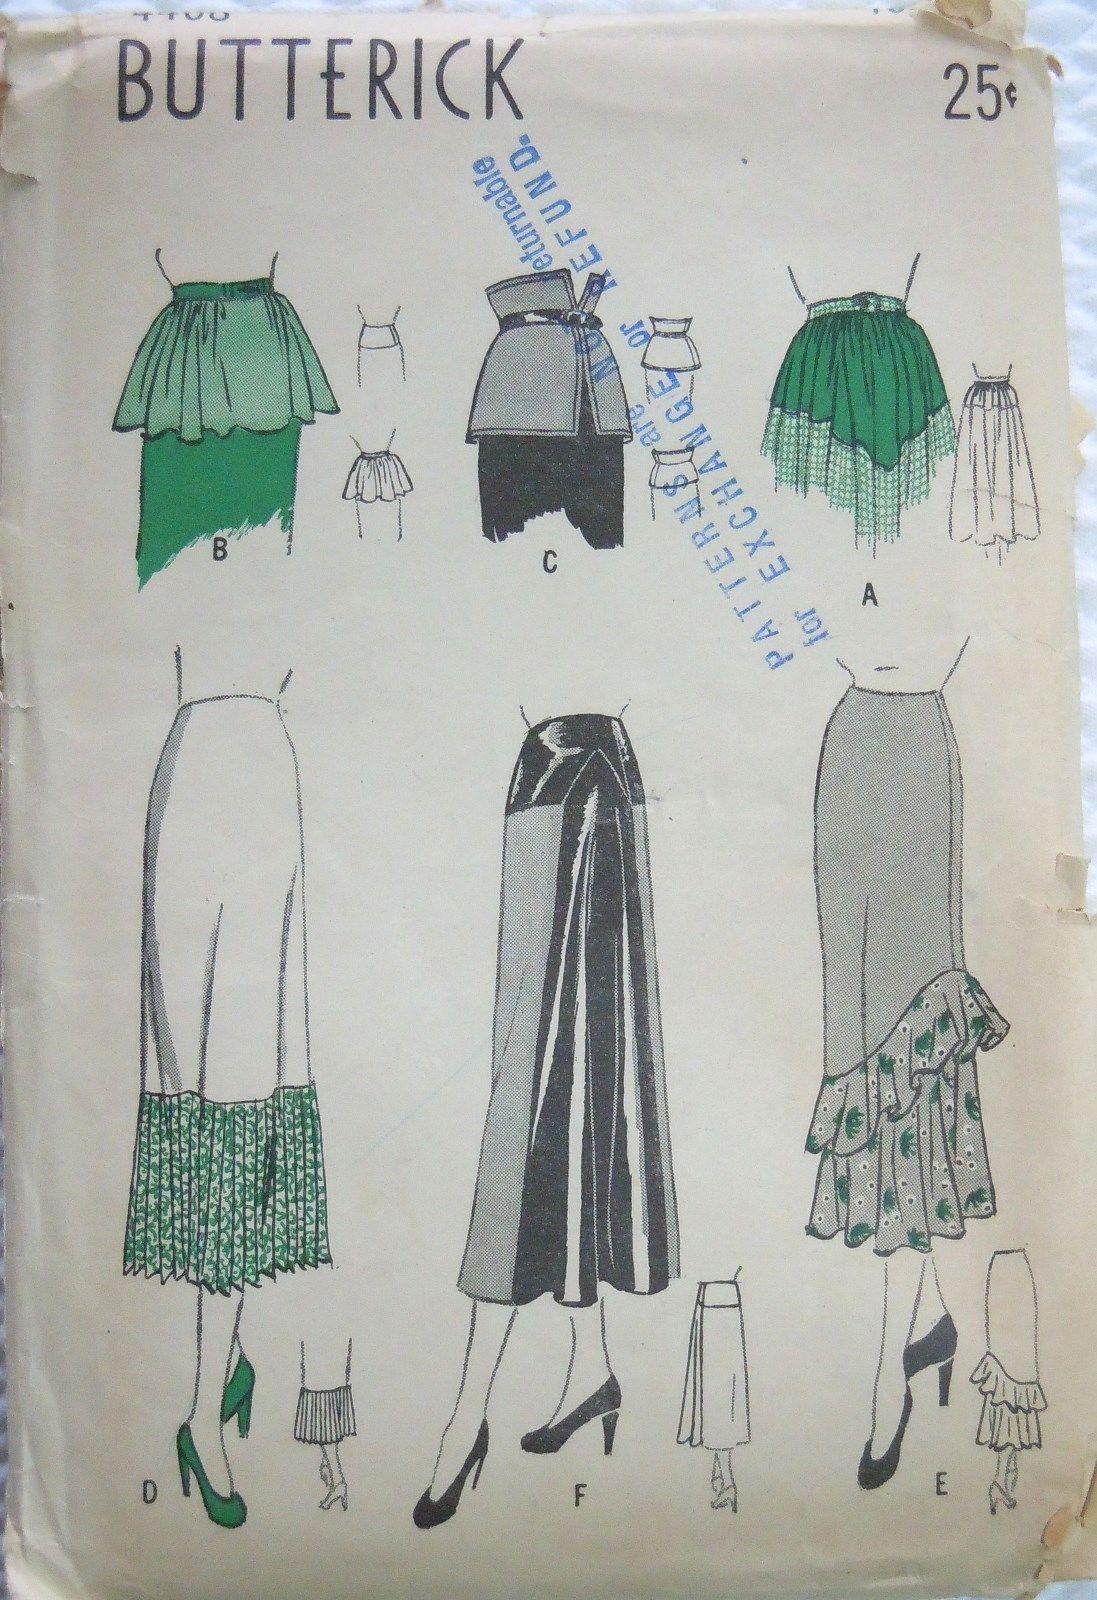 Vtg 1940's Butterick Pattern 4408 Skirt Yokes Flounces Peplums